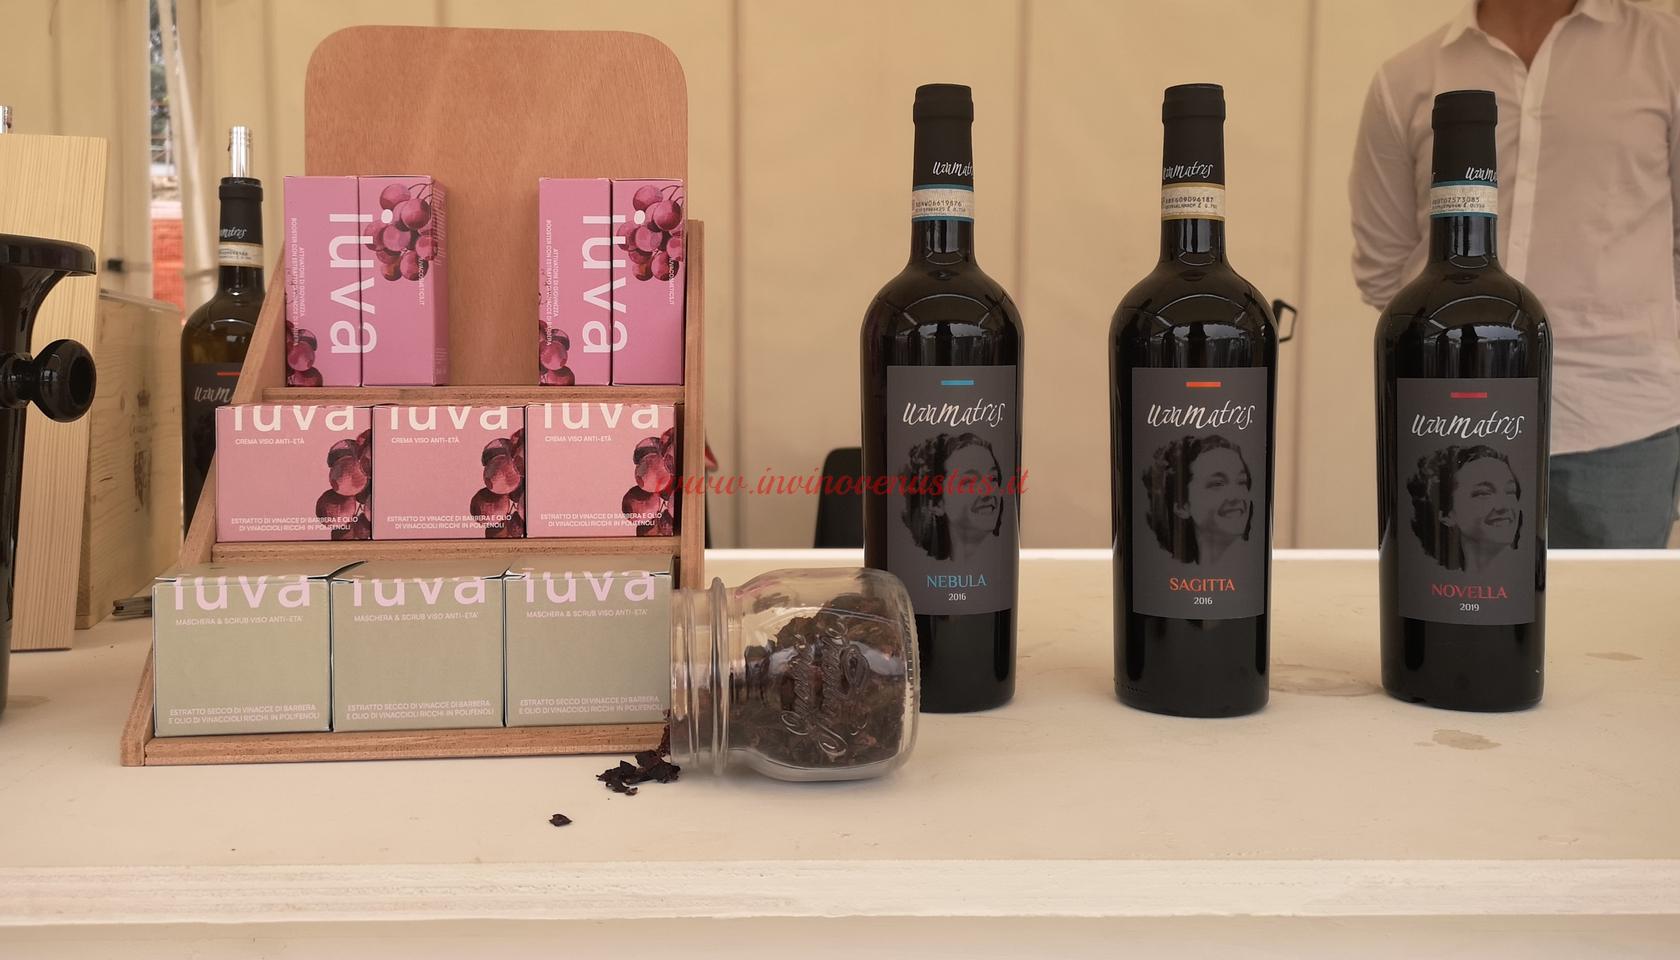 Vini Uvamatris e cosmetici Iuva Only Wine 2021